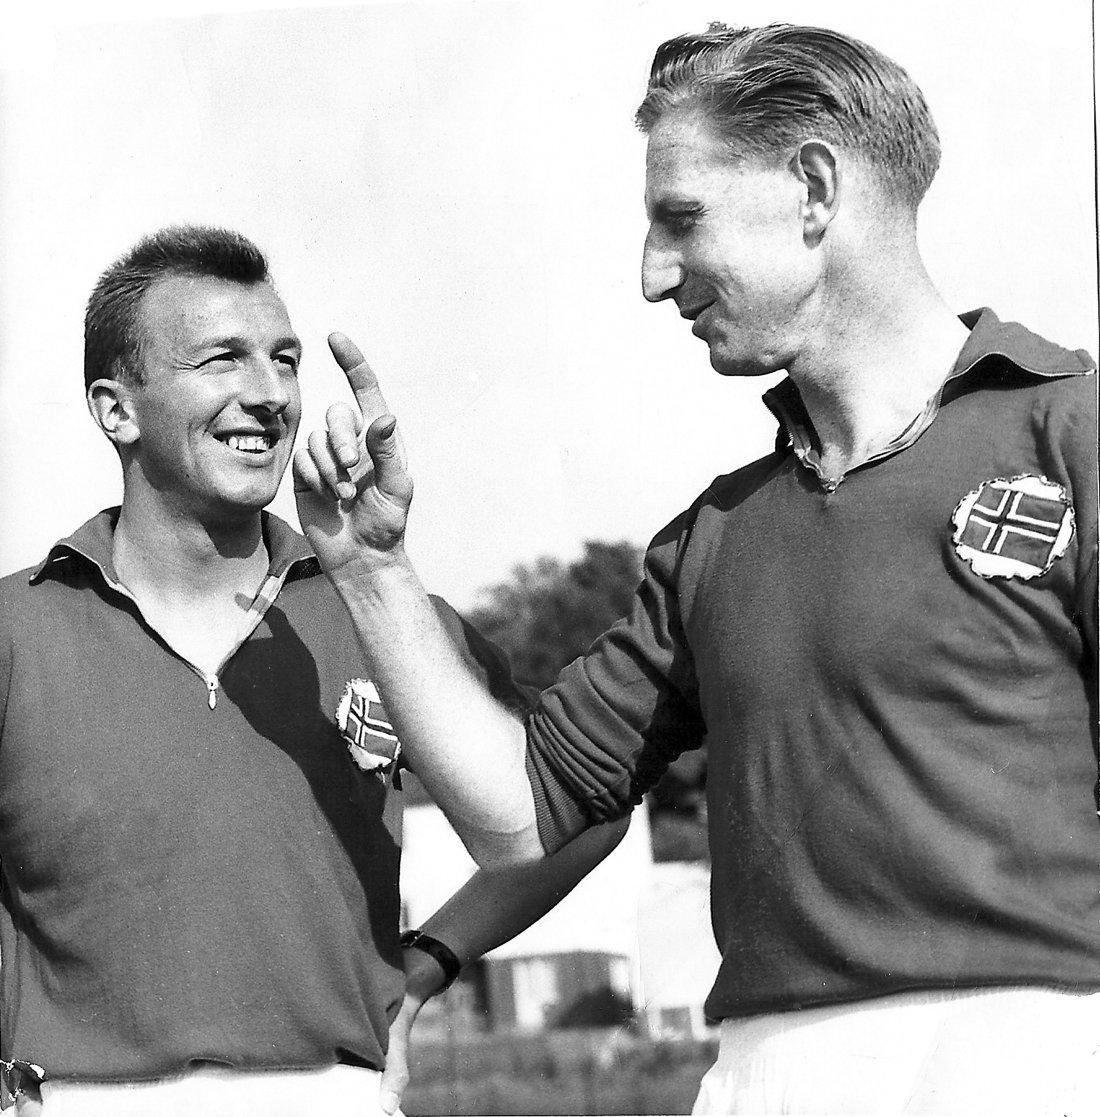 Legernes og Svendsen (1957)